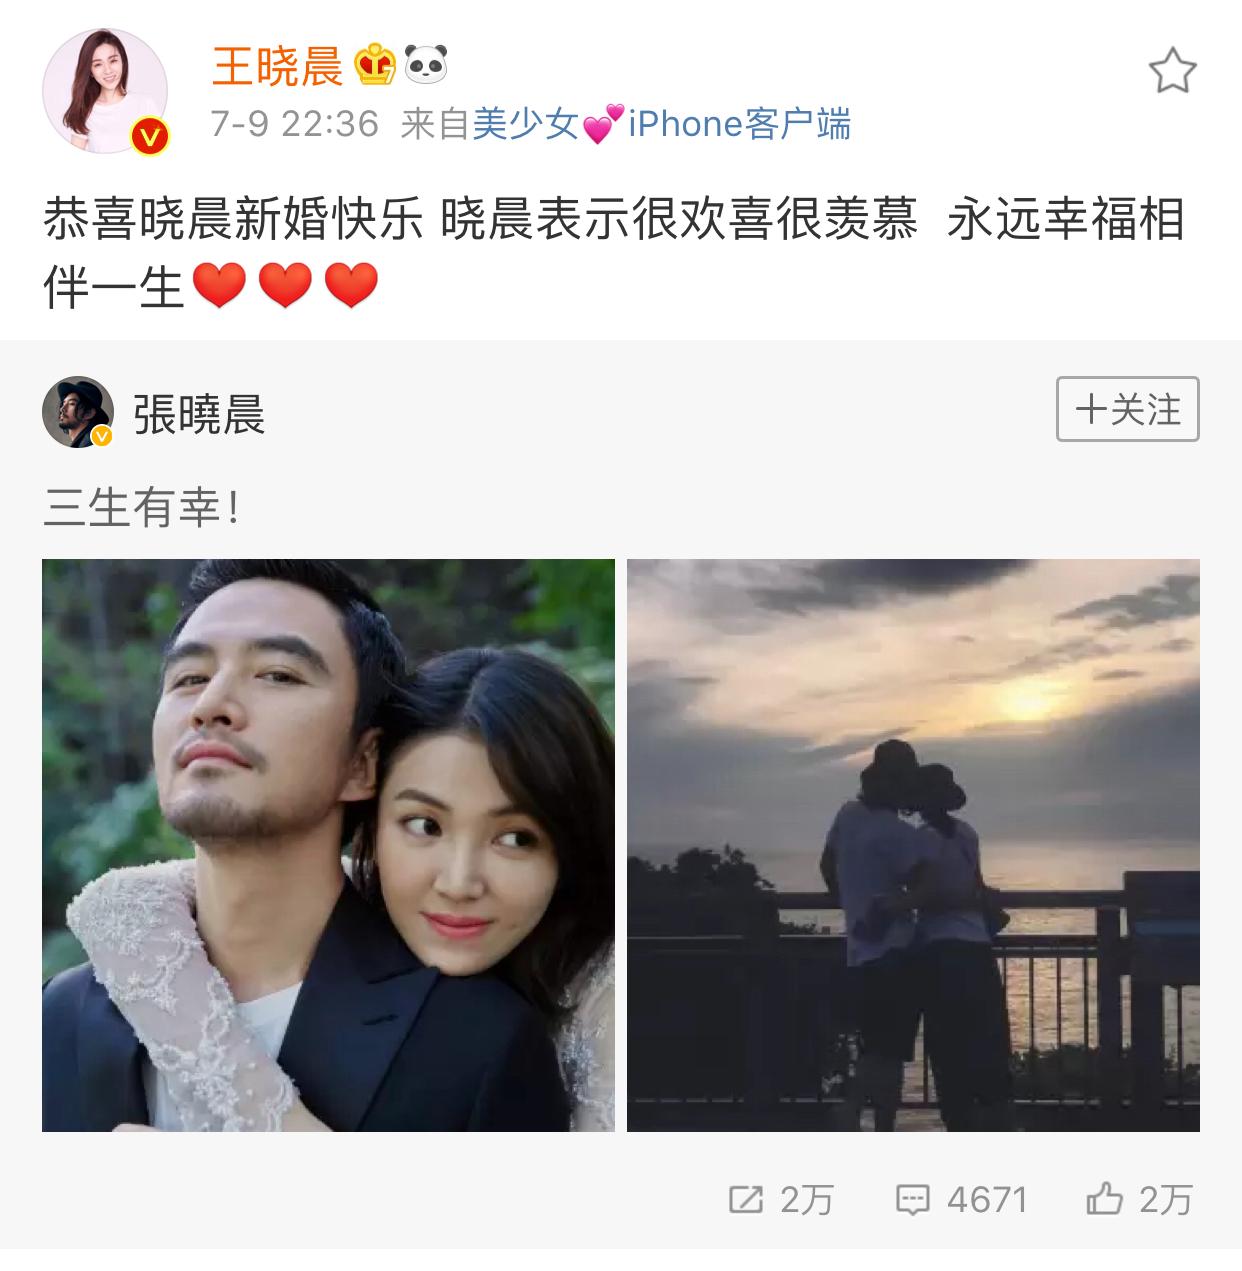 王晓晨为张晓晨婚讯送祝福 网友:分不清楚